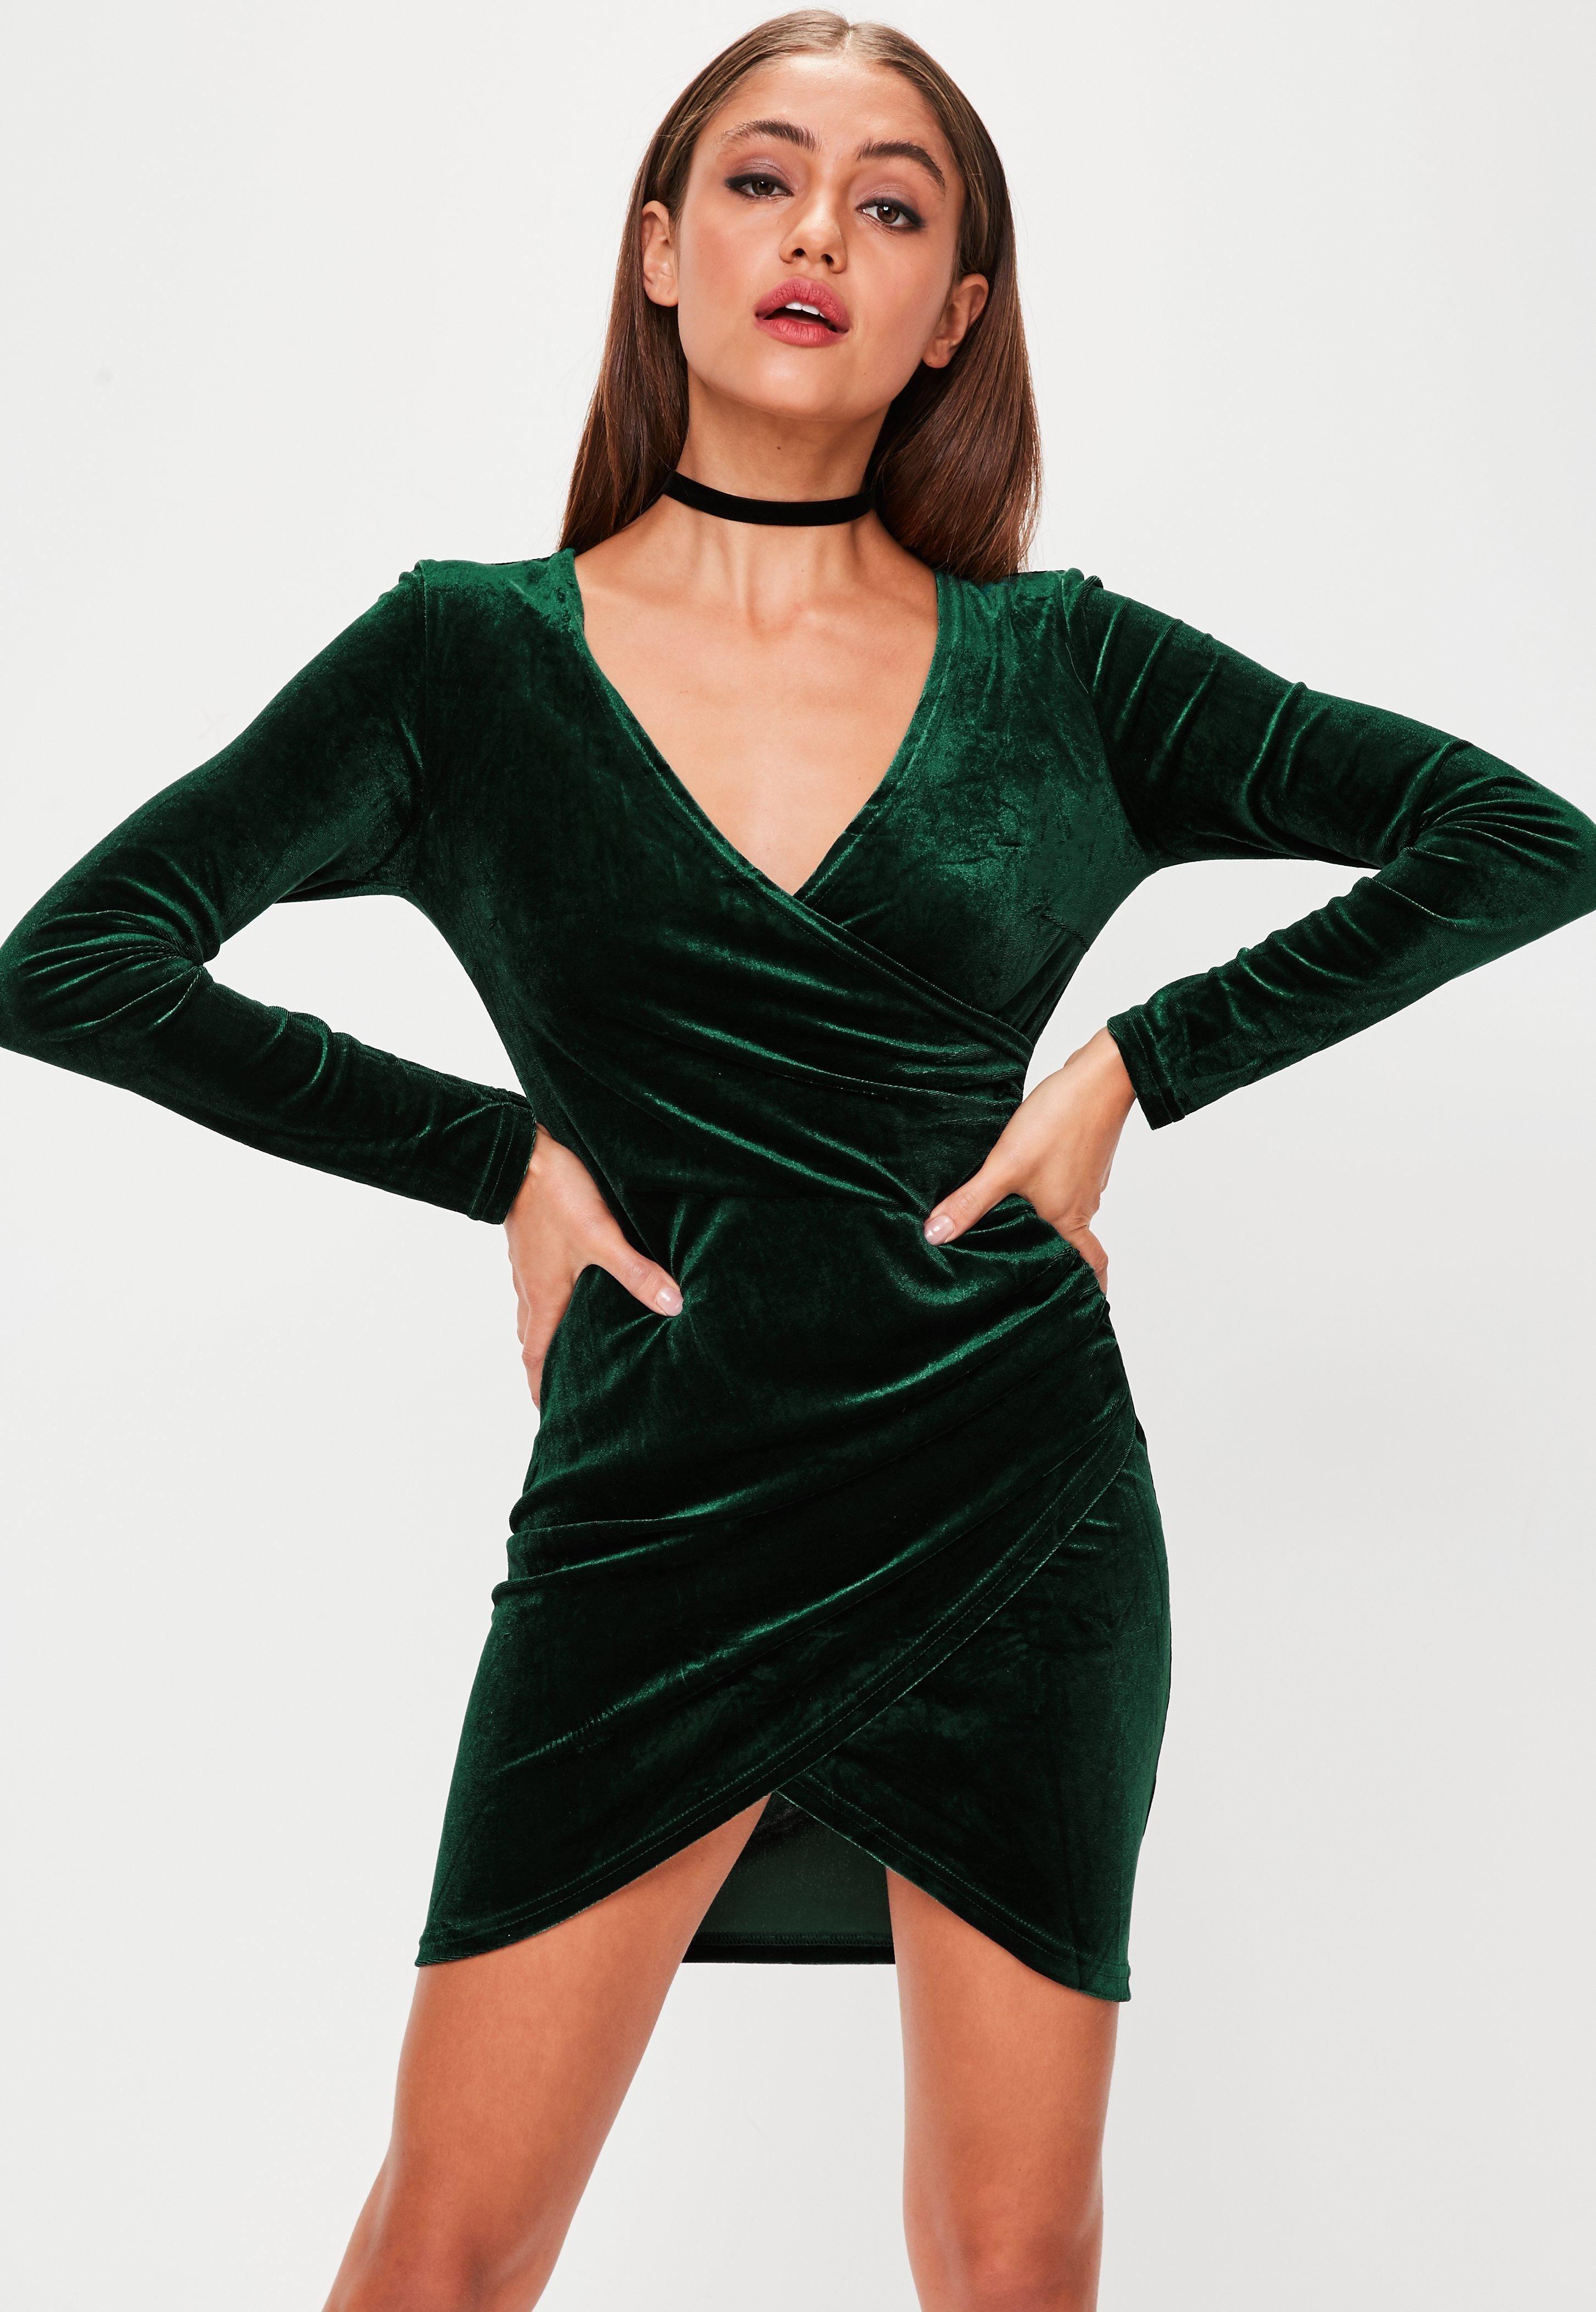 bafa1a7432 Green velvet dress with overlapped V neckline